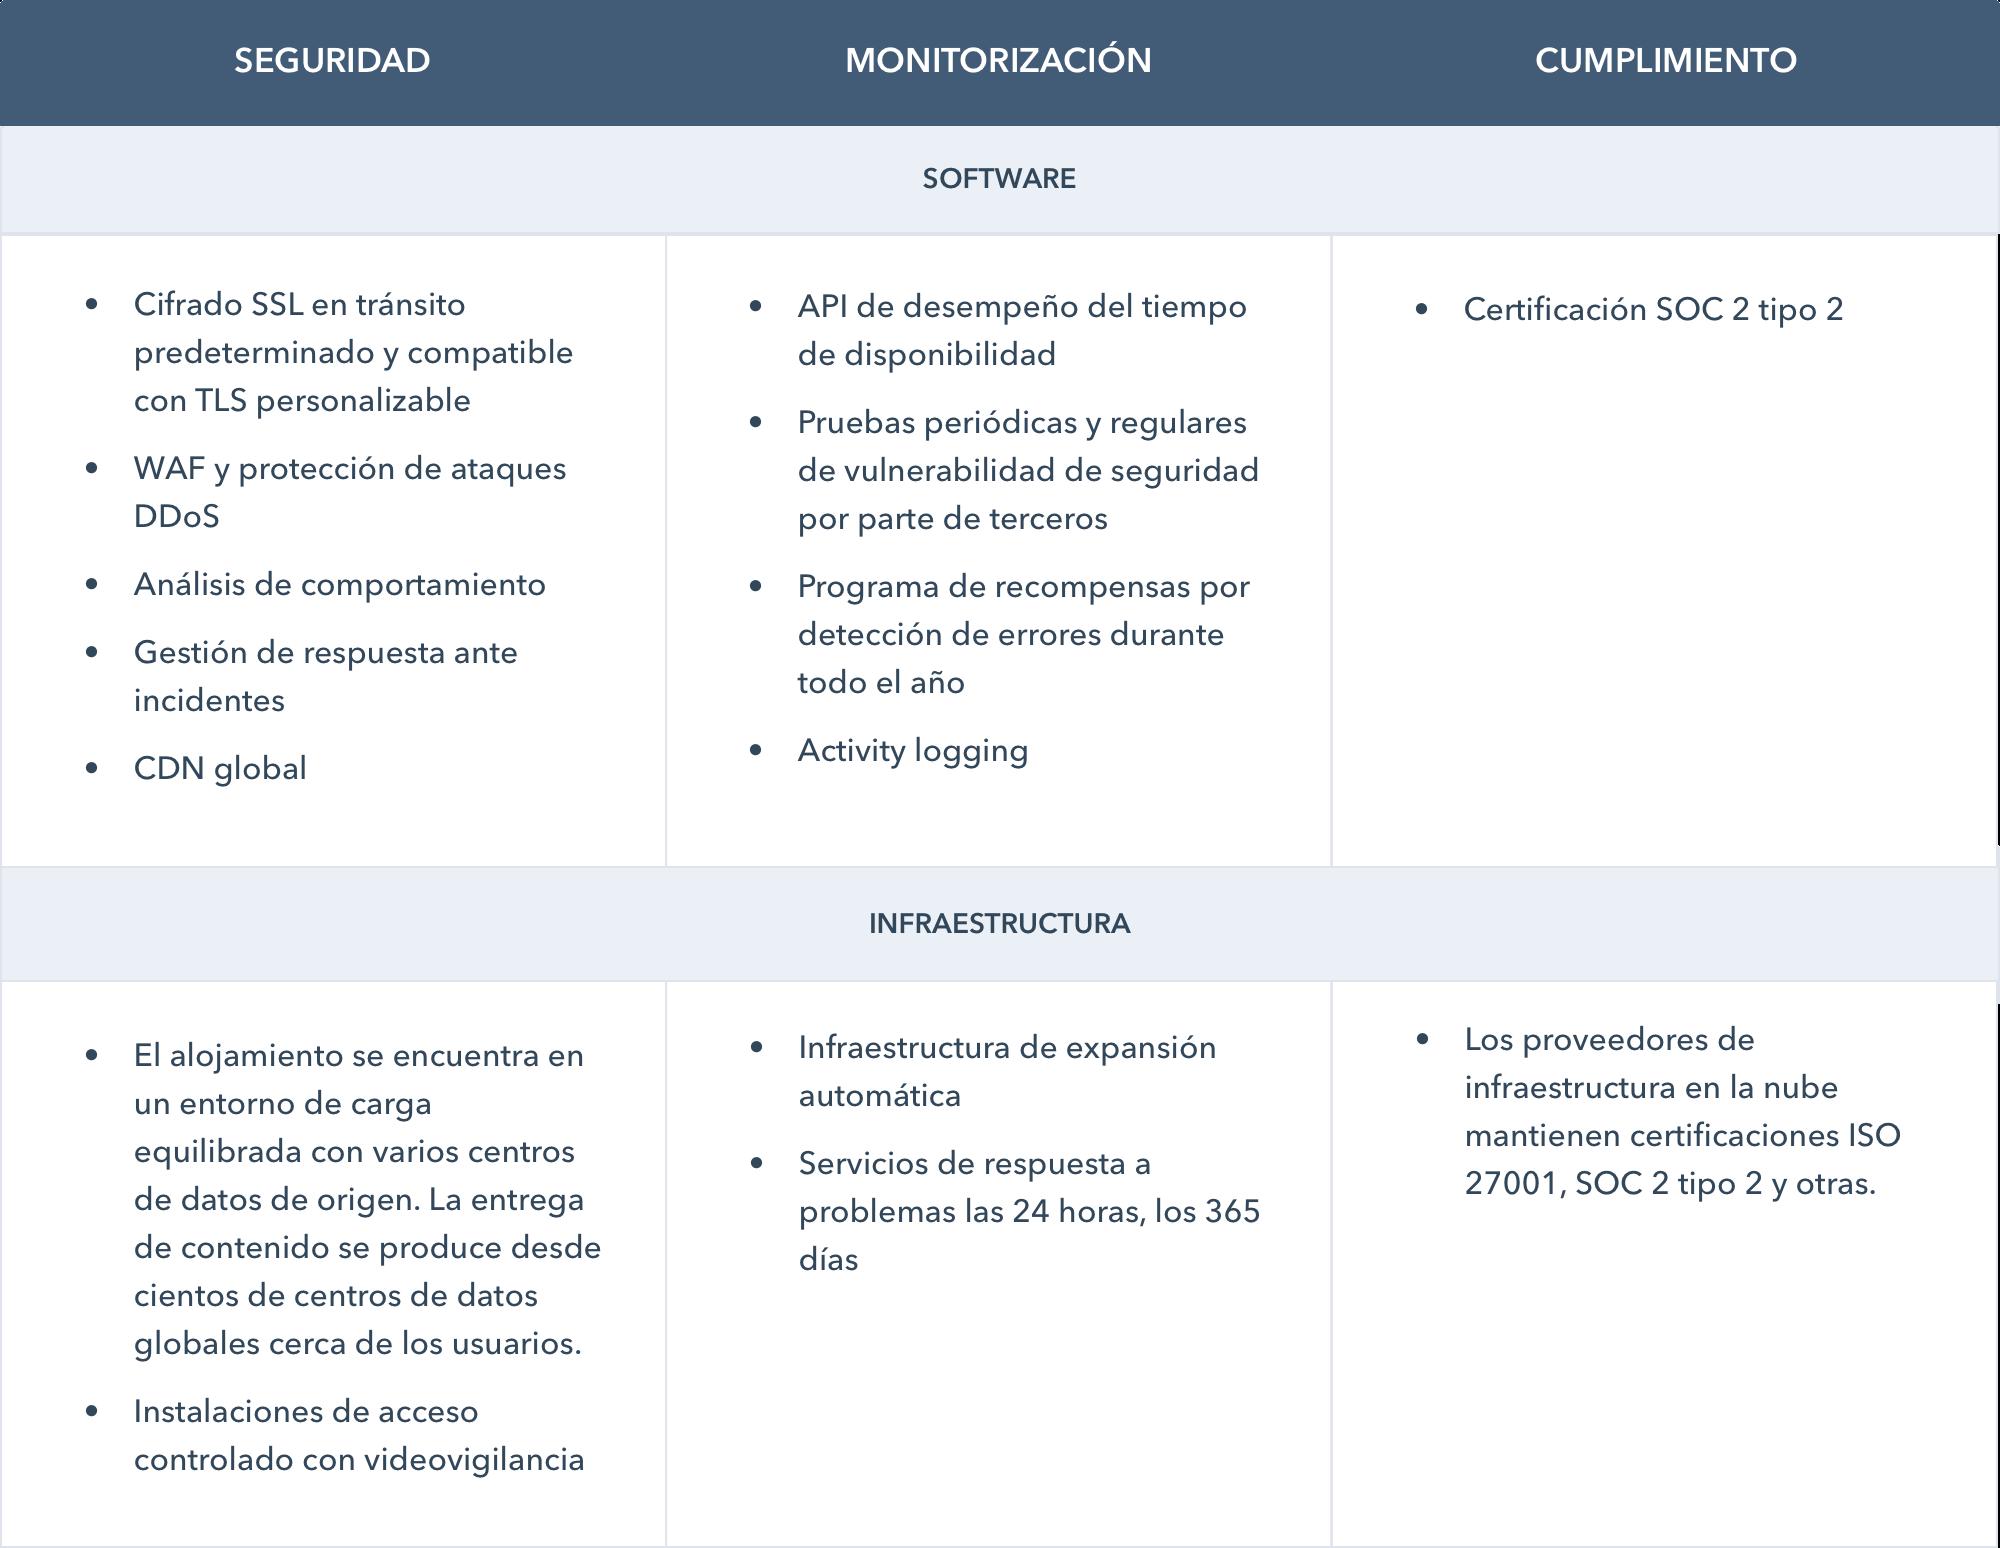 CMS para equipos de IT: seguridad, monitorización y cumplimiento